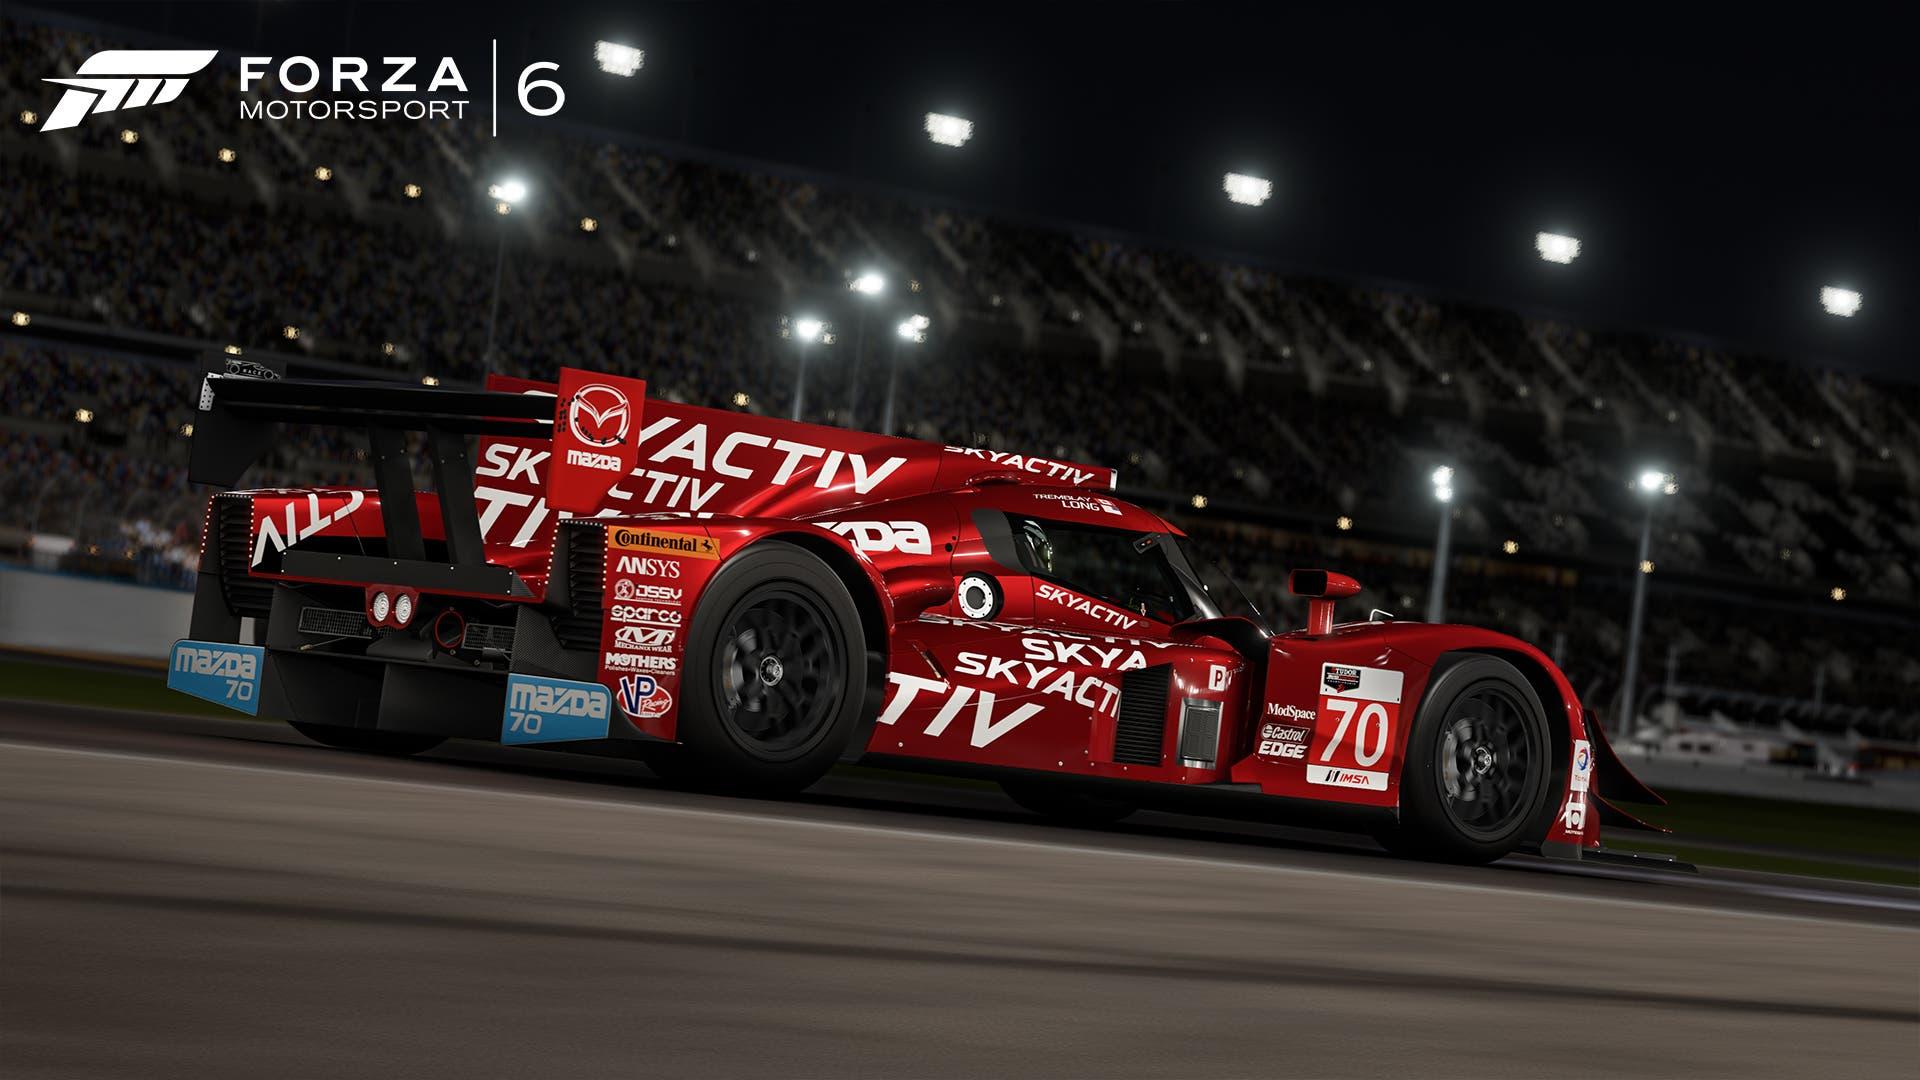 NovDLC_Mazda70SpeedSourceLola_Forza6_WM